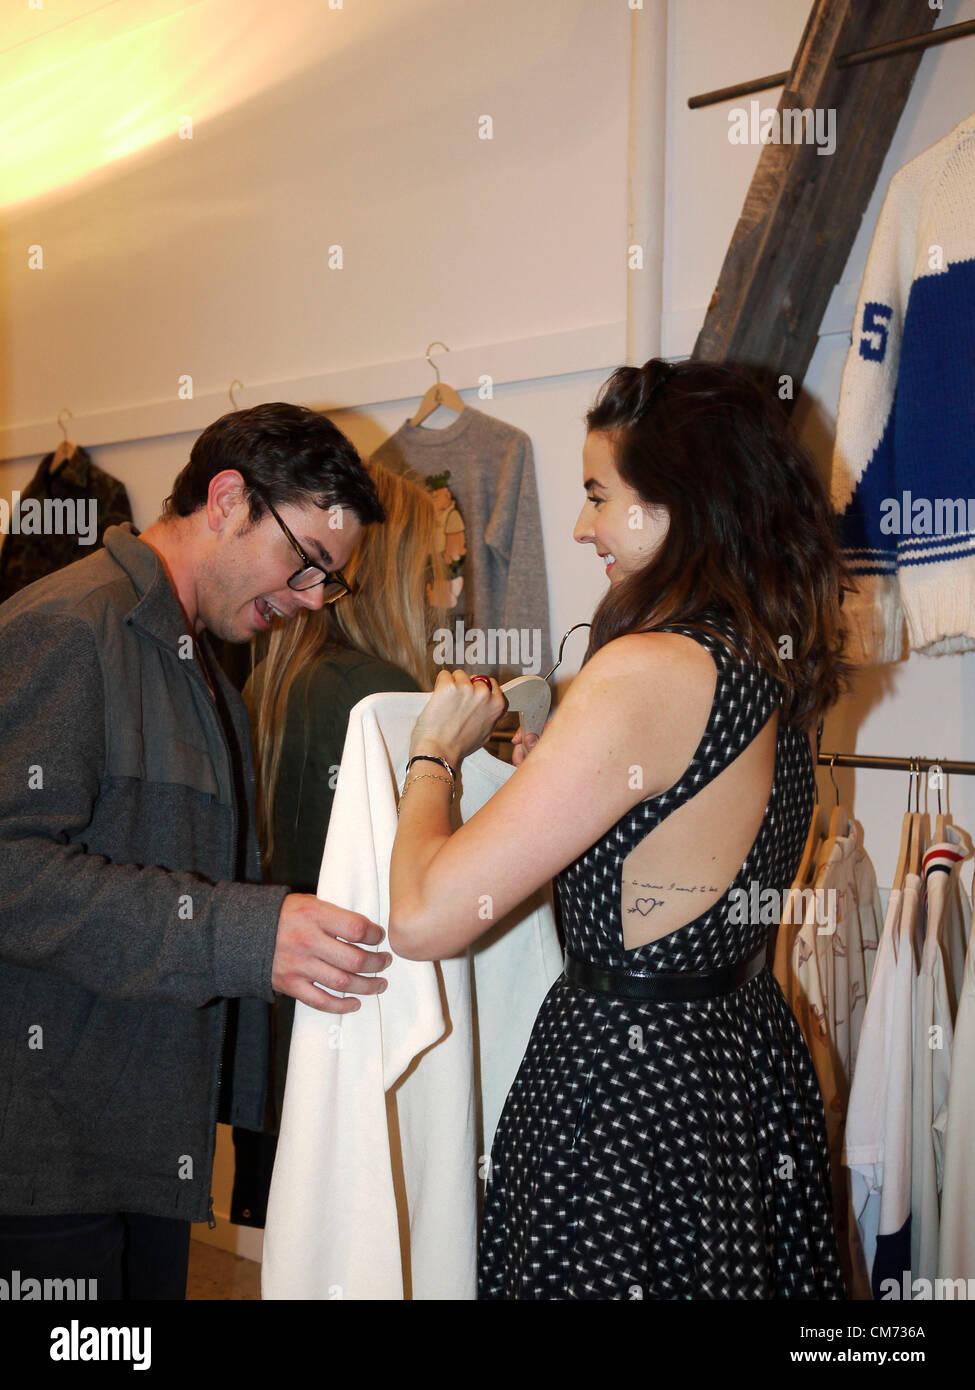 ... Mayfair Bond Street , Ralph Lauren Polo les enfants garçons et filles de  boutique de vêtements Fashion designer. C4TX13 (RM). 18 oct., 2012 - New  York, ... f9d4369f0f7